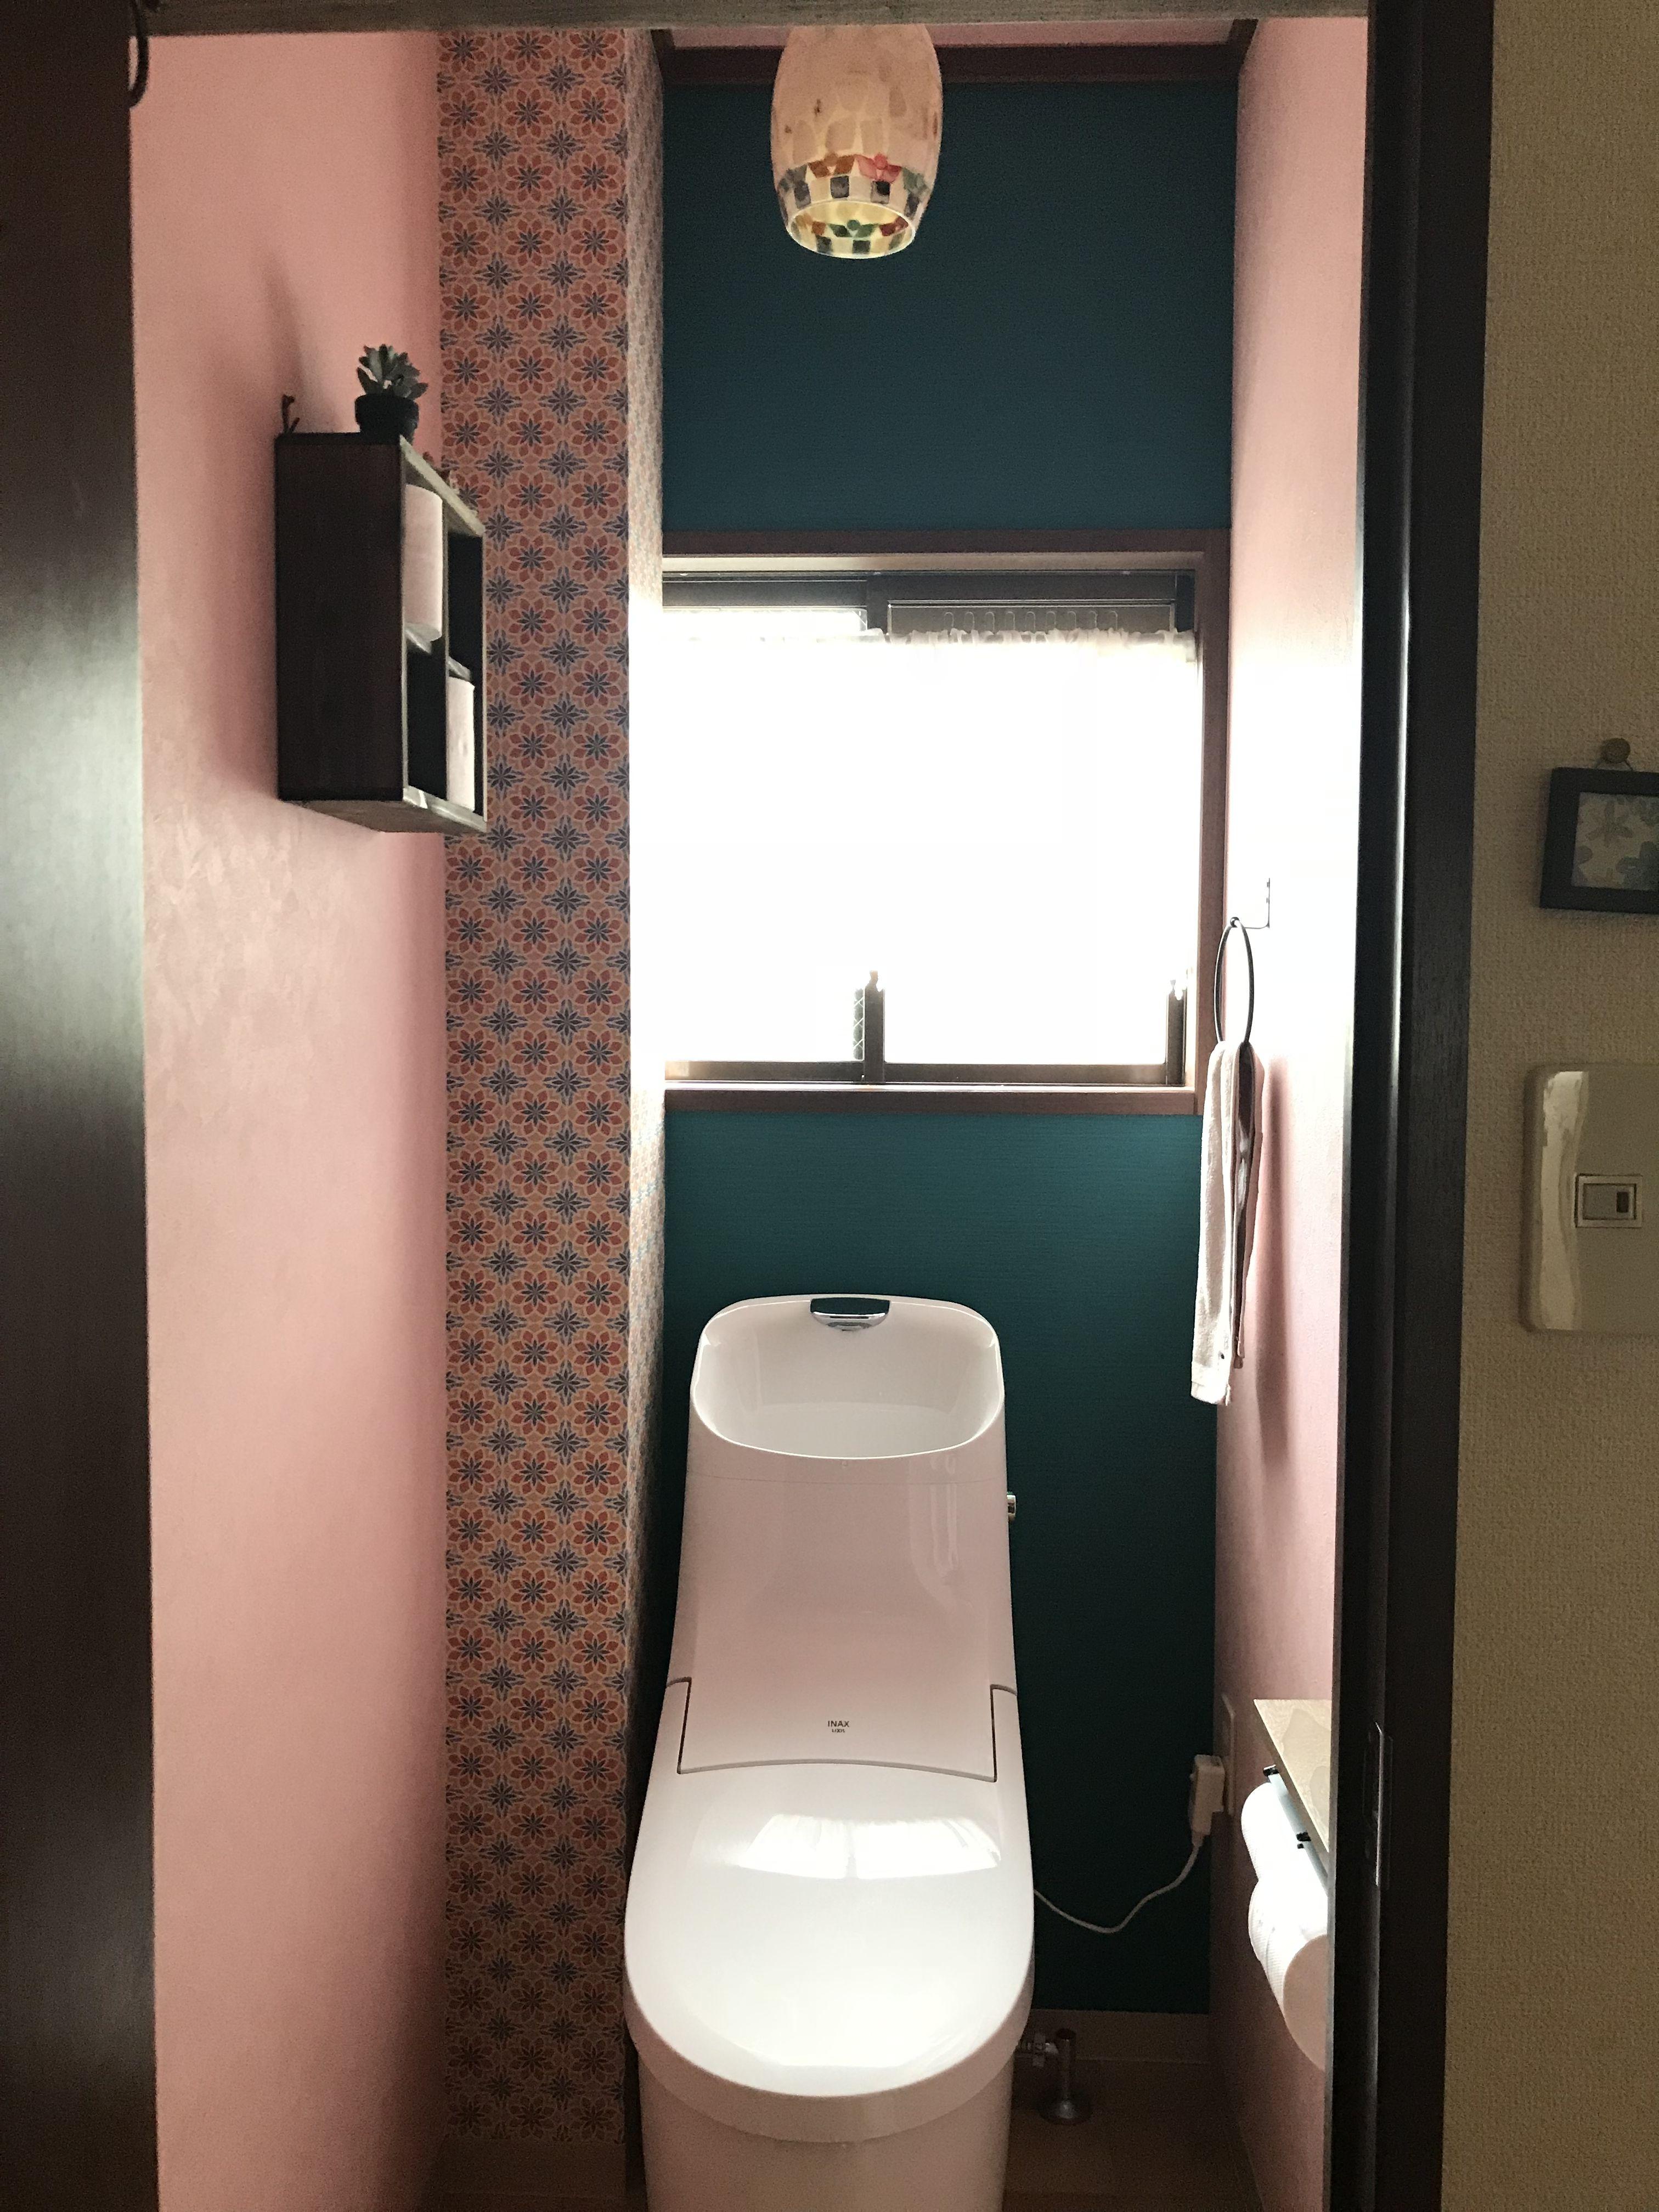 配管パイプの柱に 可愛いタイルの壁紙を選んでみました 配管パイプ 配管 壁紙